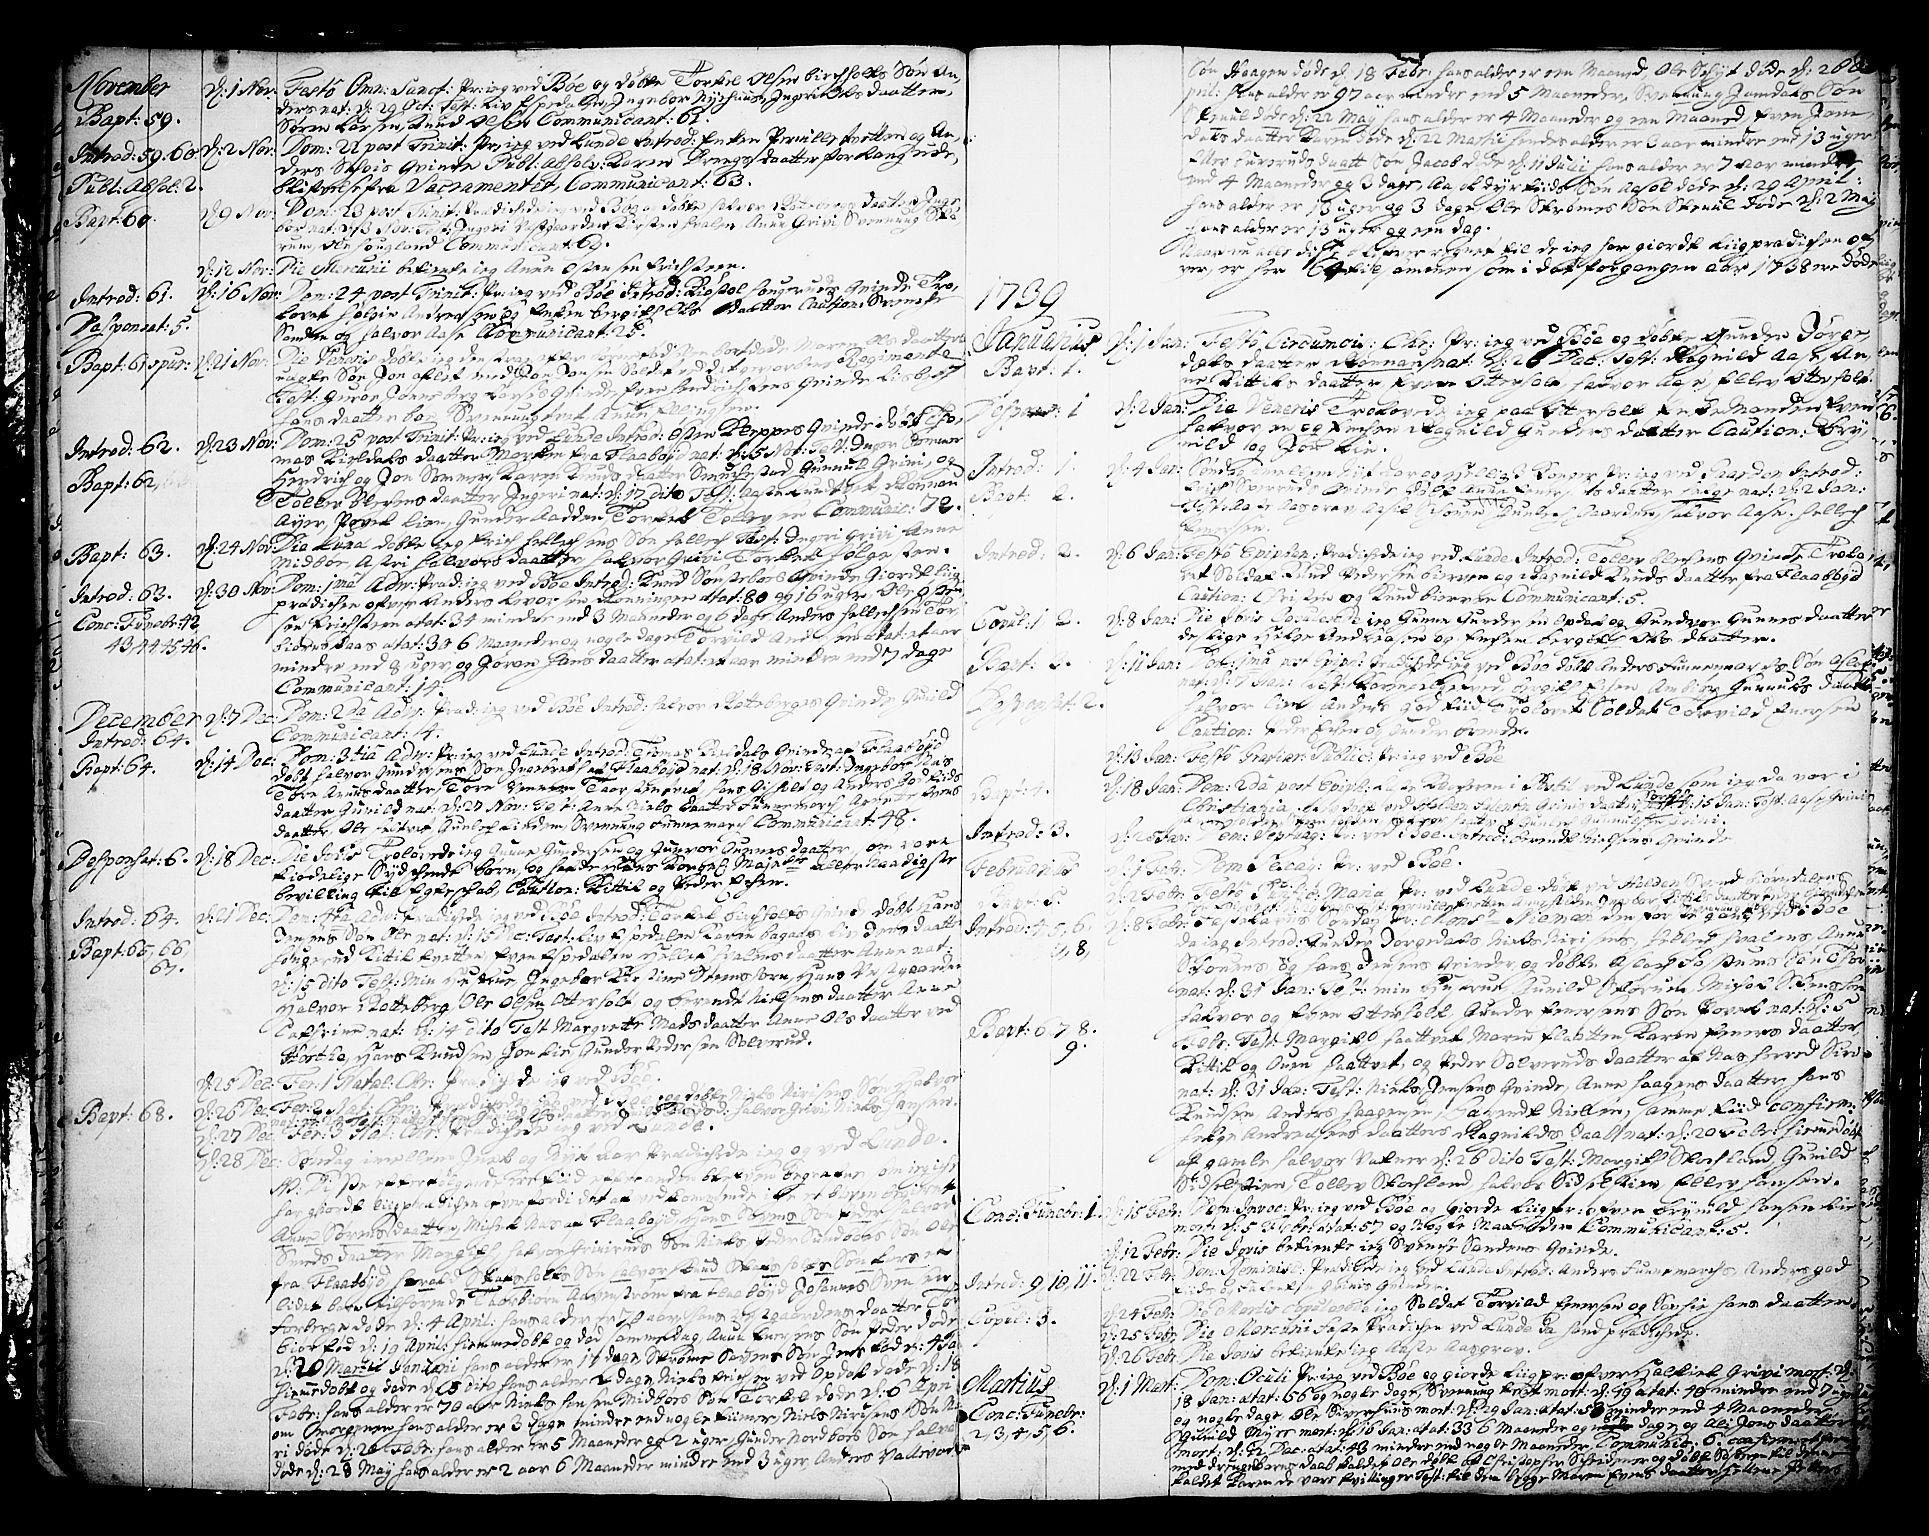 SAKO, Bø kirkebøker, F/Fa/L0003: Ministerialbok nr. 3, 1733-1748, s. 15